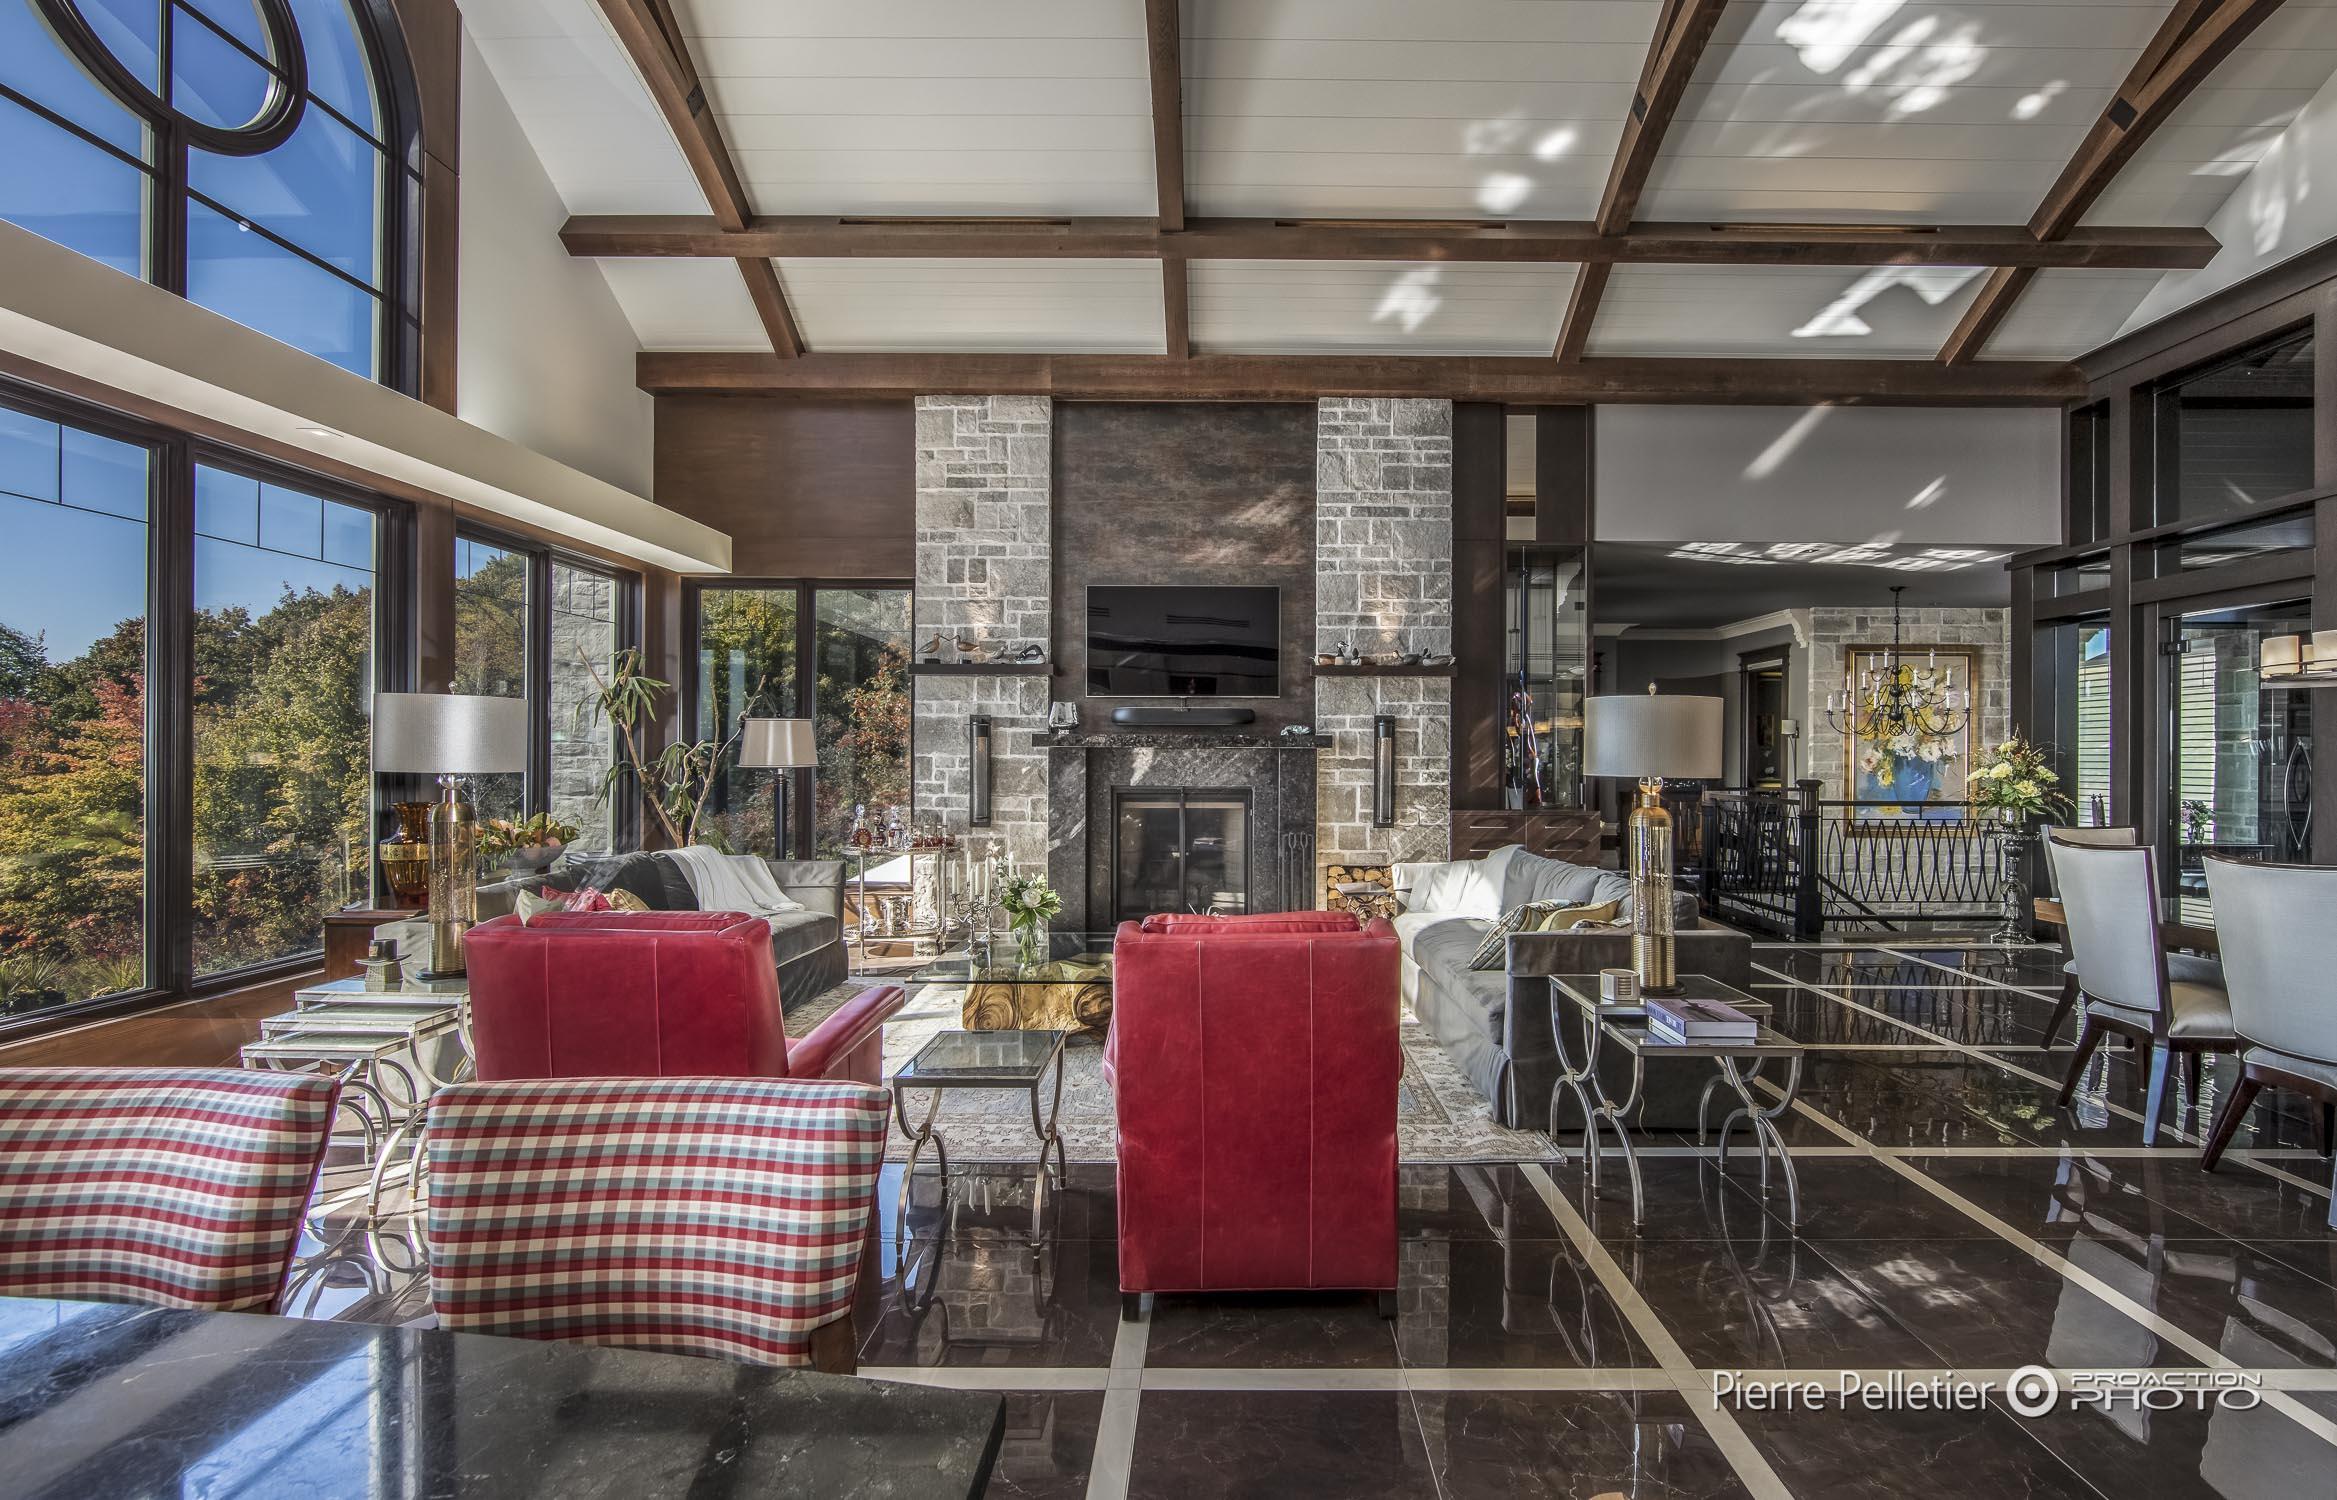 interieur maison pierre un double volume traversant bien clair avec de larges baies vitres ct. Black Bedroom Furniture Sets. Home Design Ideas